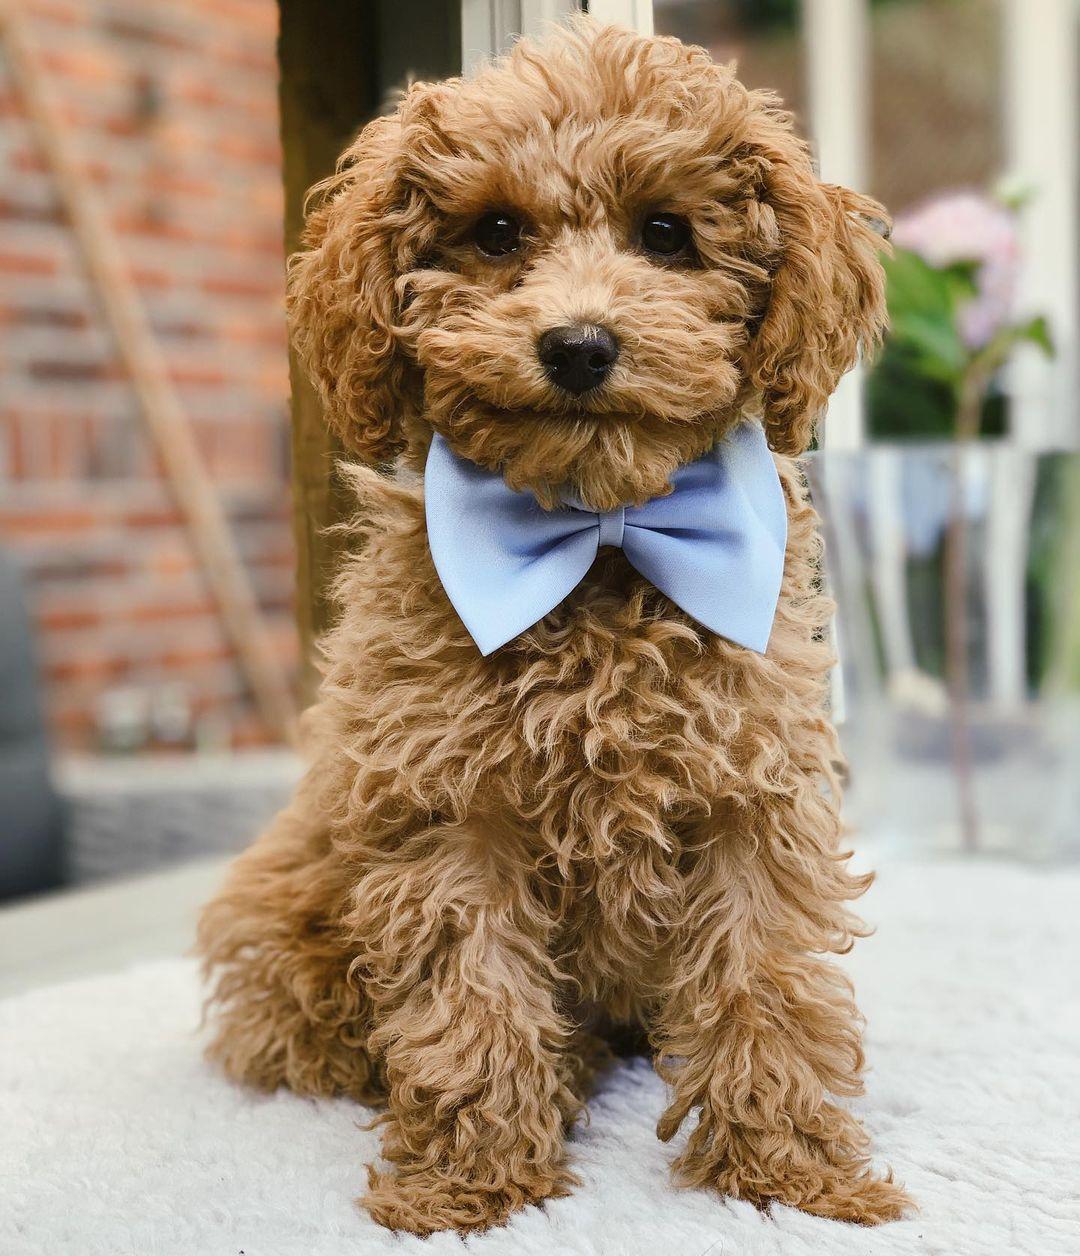 """Thông tin chó Poodle – Chú chó """"Chăn Vịt"""" lông dài đáng yêu"""